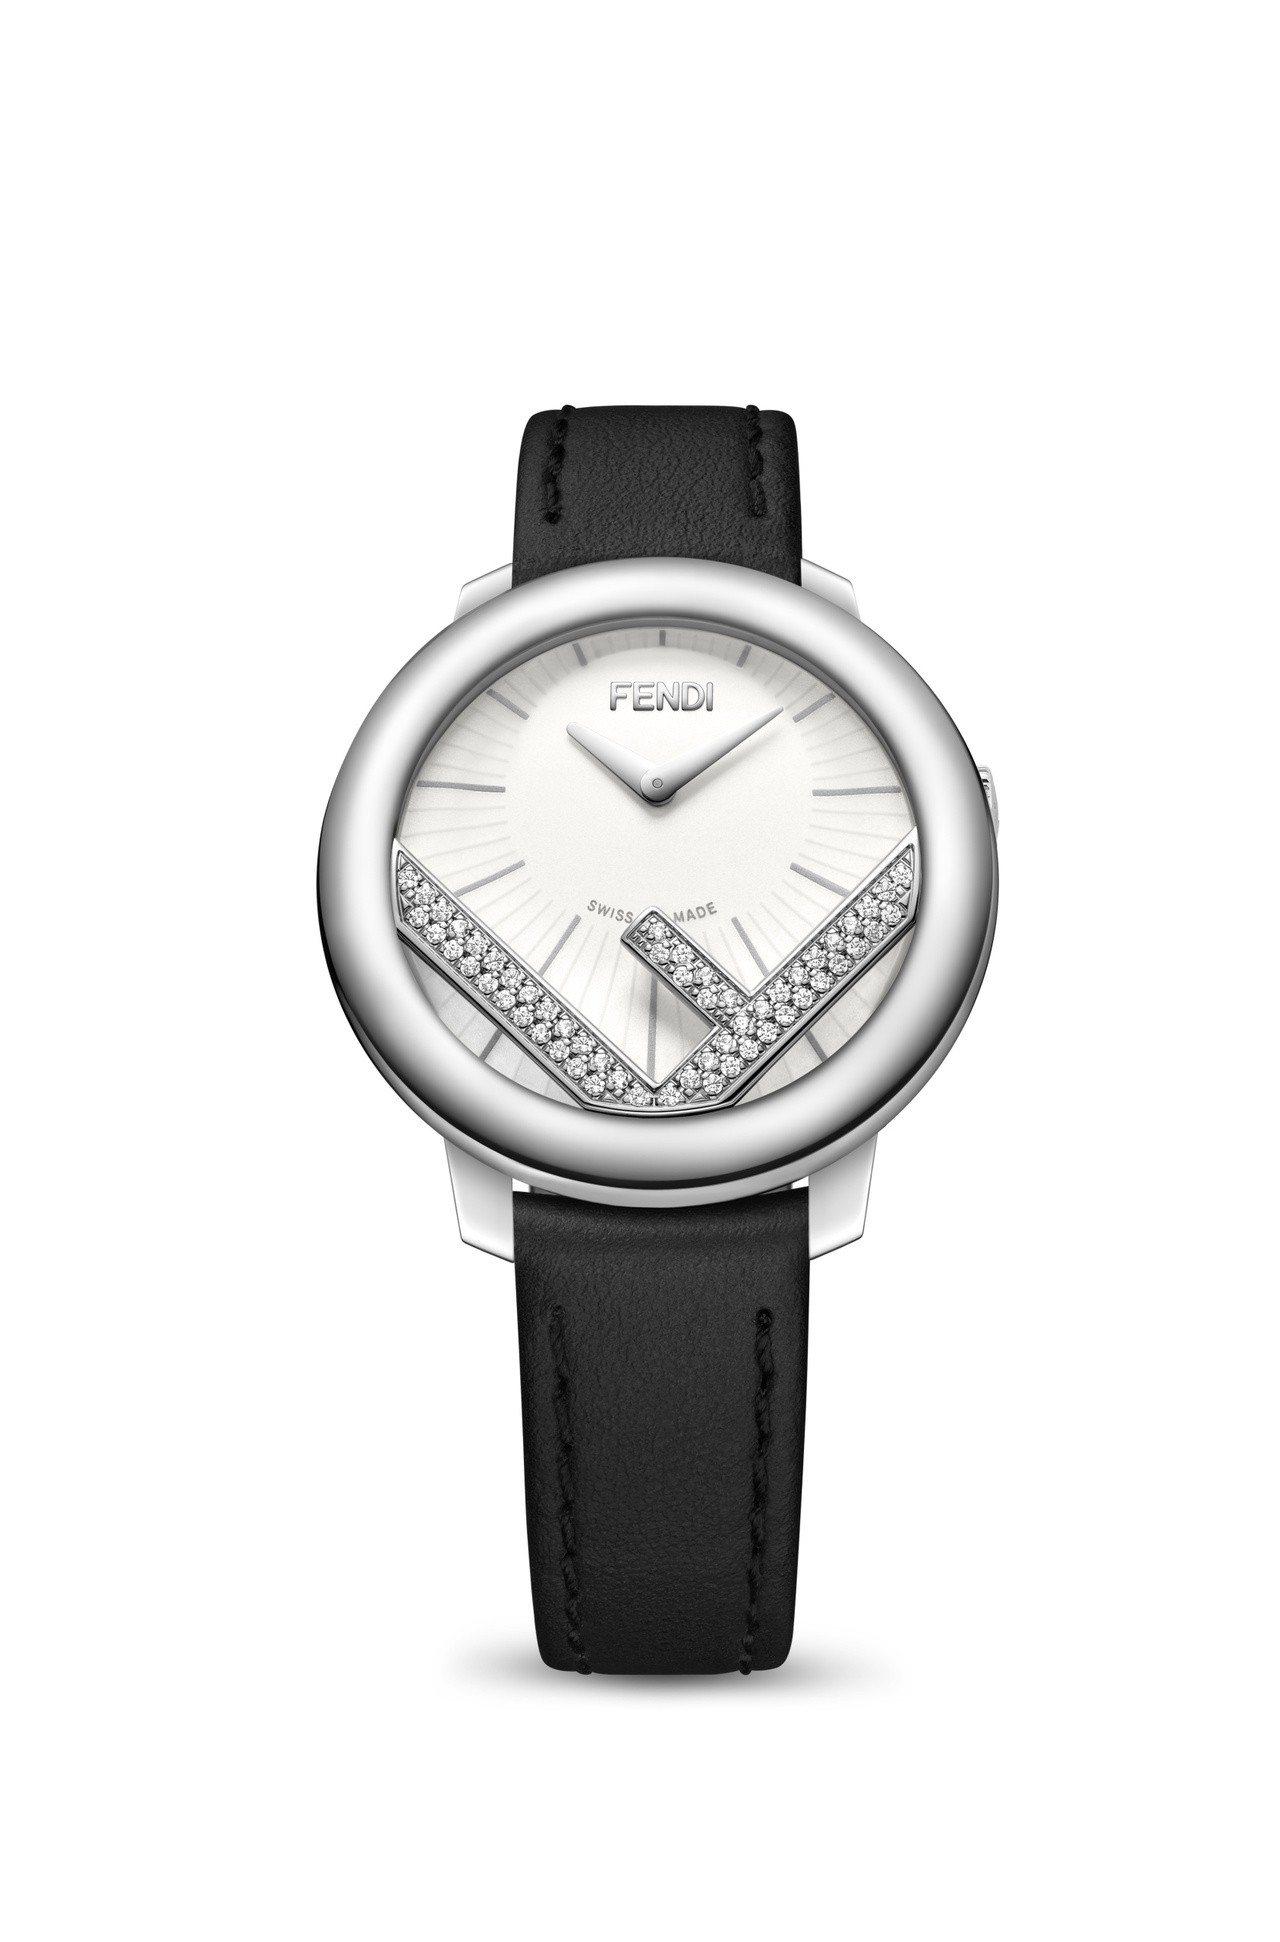 Fendi全新Run Away系列女表,搭配鑲嵌鑽石F標誌設計,價格未定。圖/F...